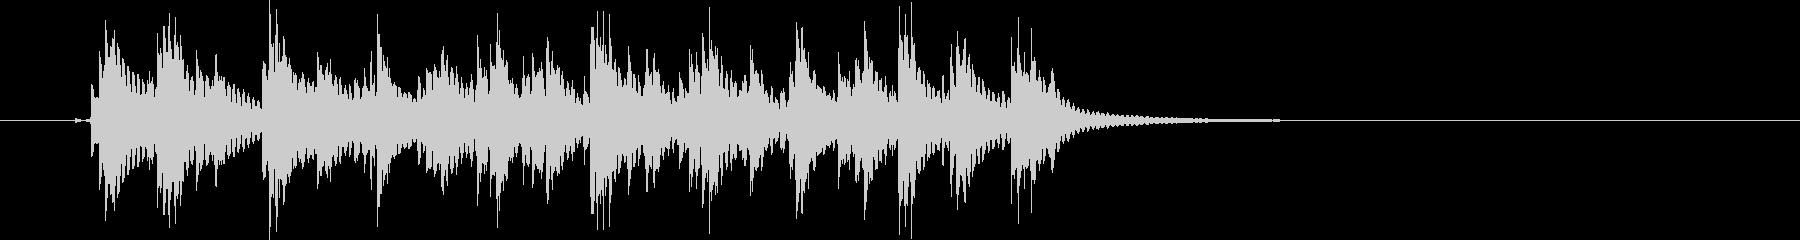 チリチリチリチリリーン(連打、危機迫る)の未再生の波形